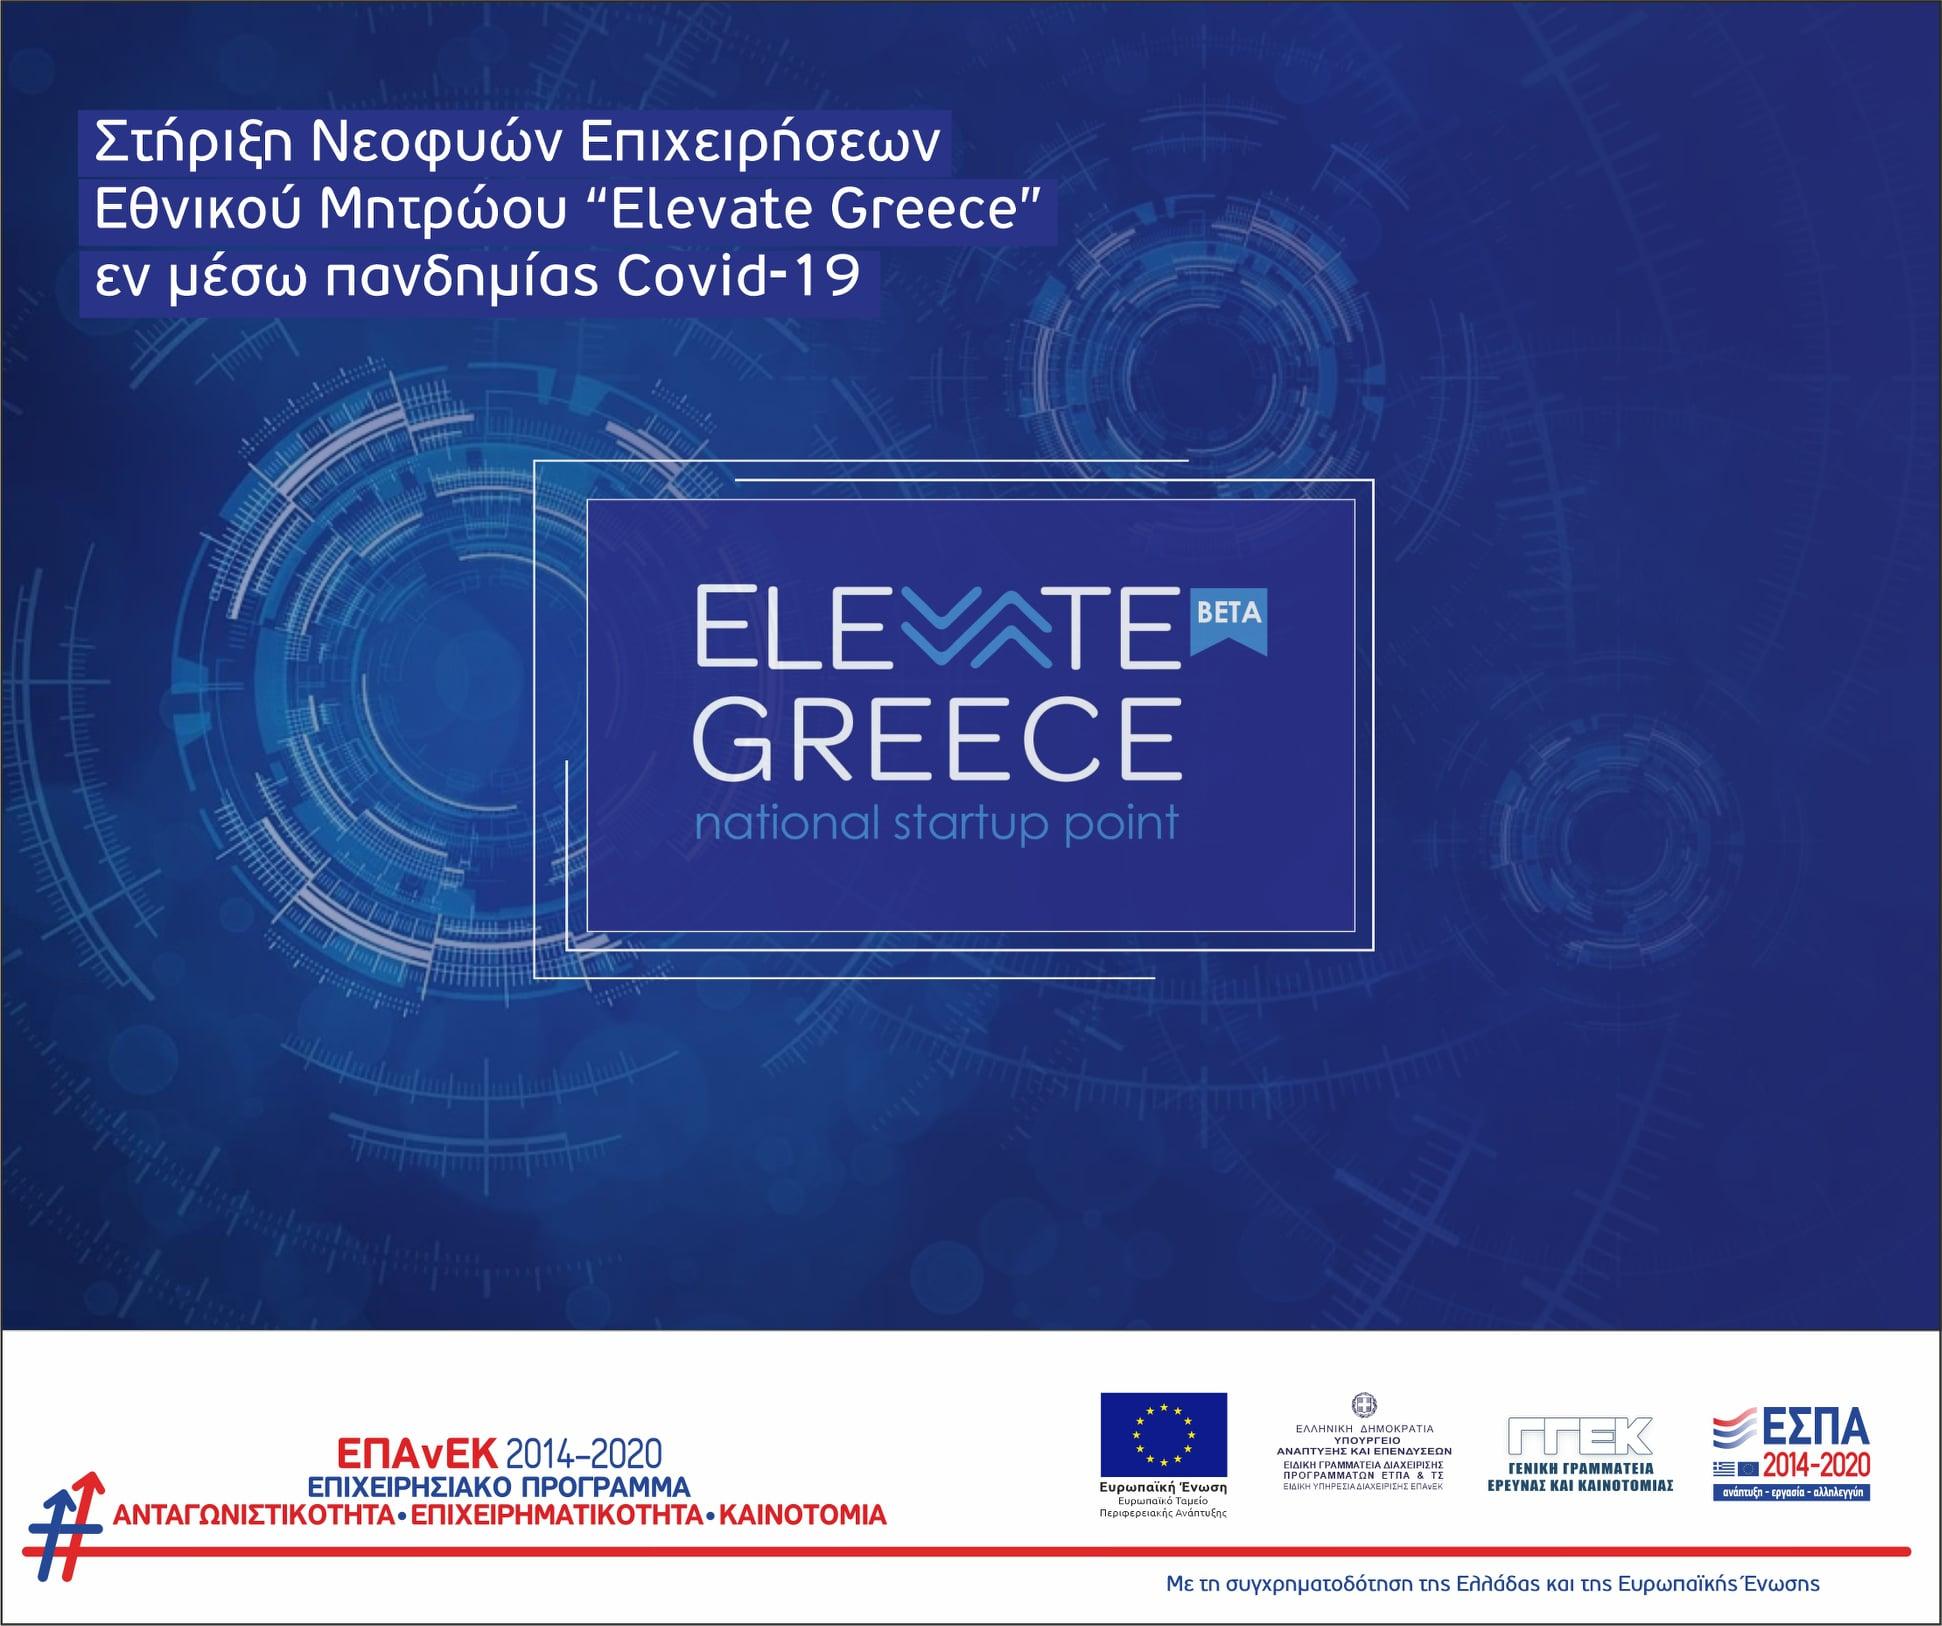 Στήριξη Επιχειρήσεων Εθνικού Μητρώου Νεοφυών Επιχειρήσεων - Βουζουνεράκης Γιώργος & Συνεργάτες